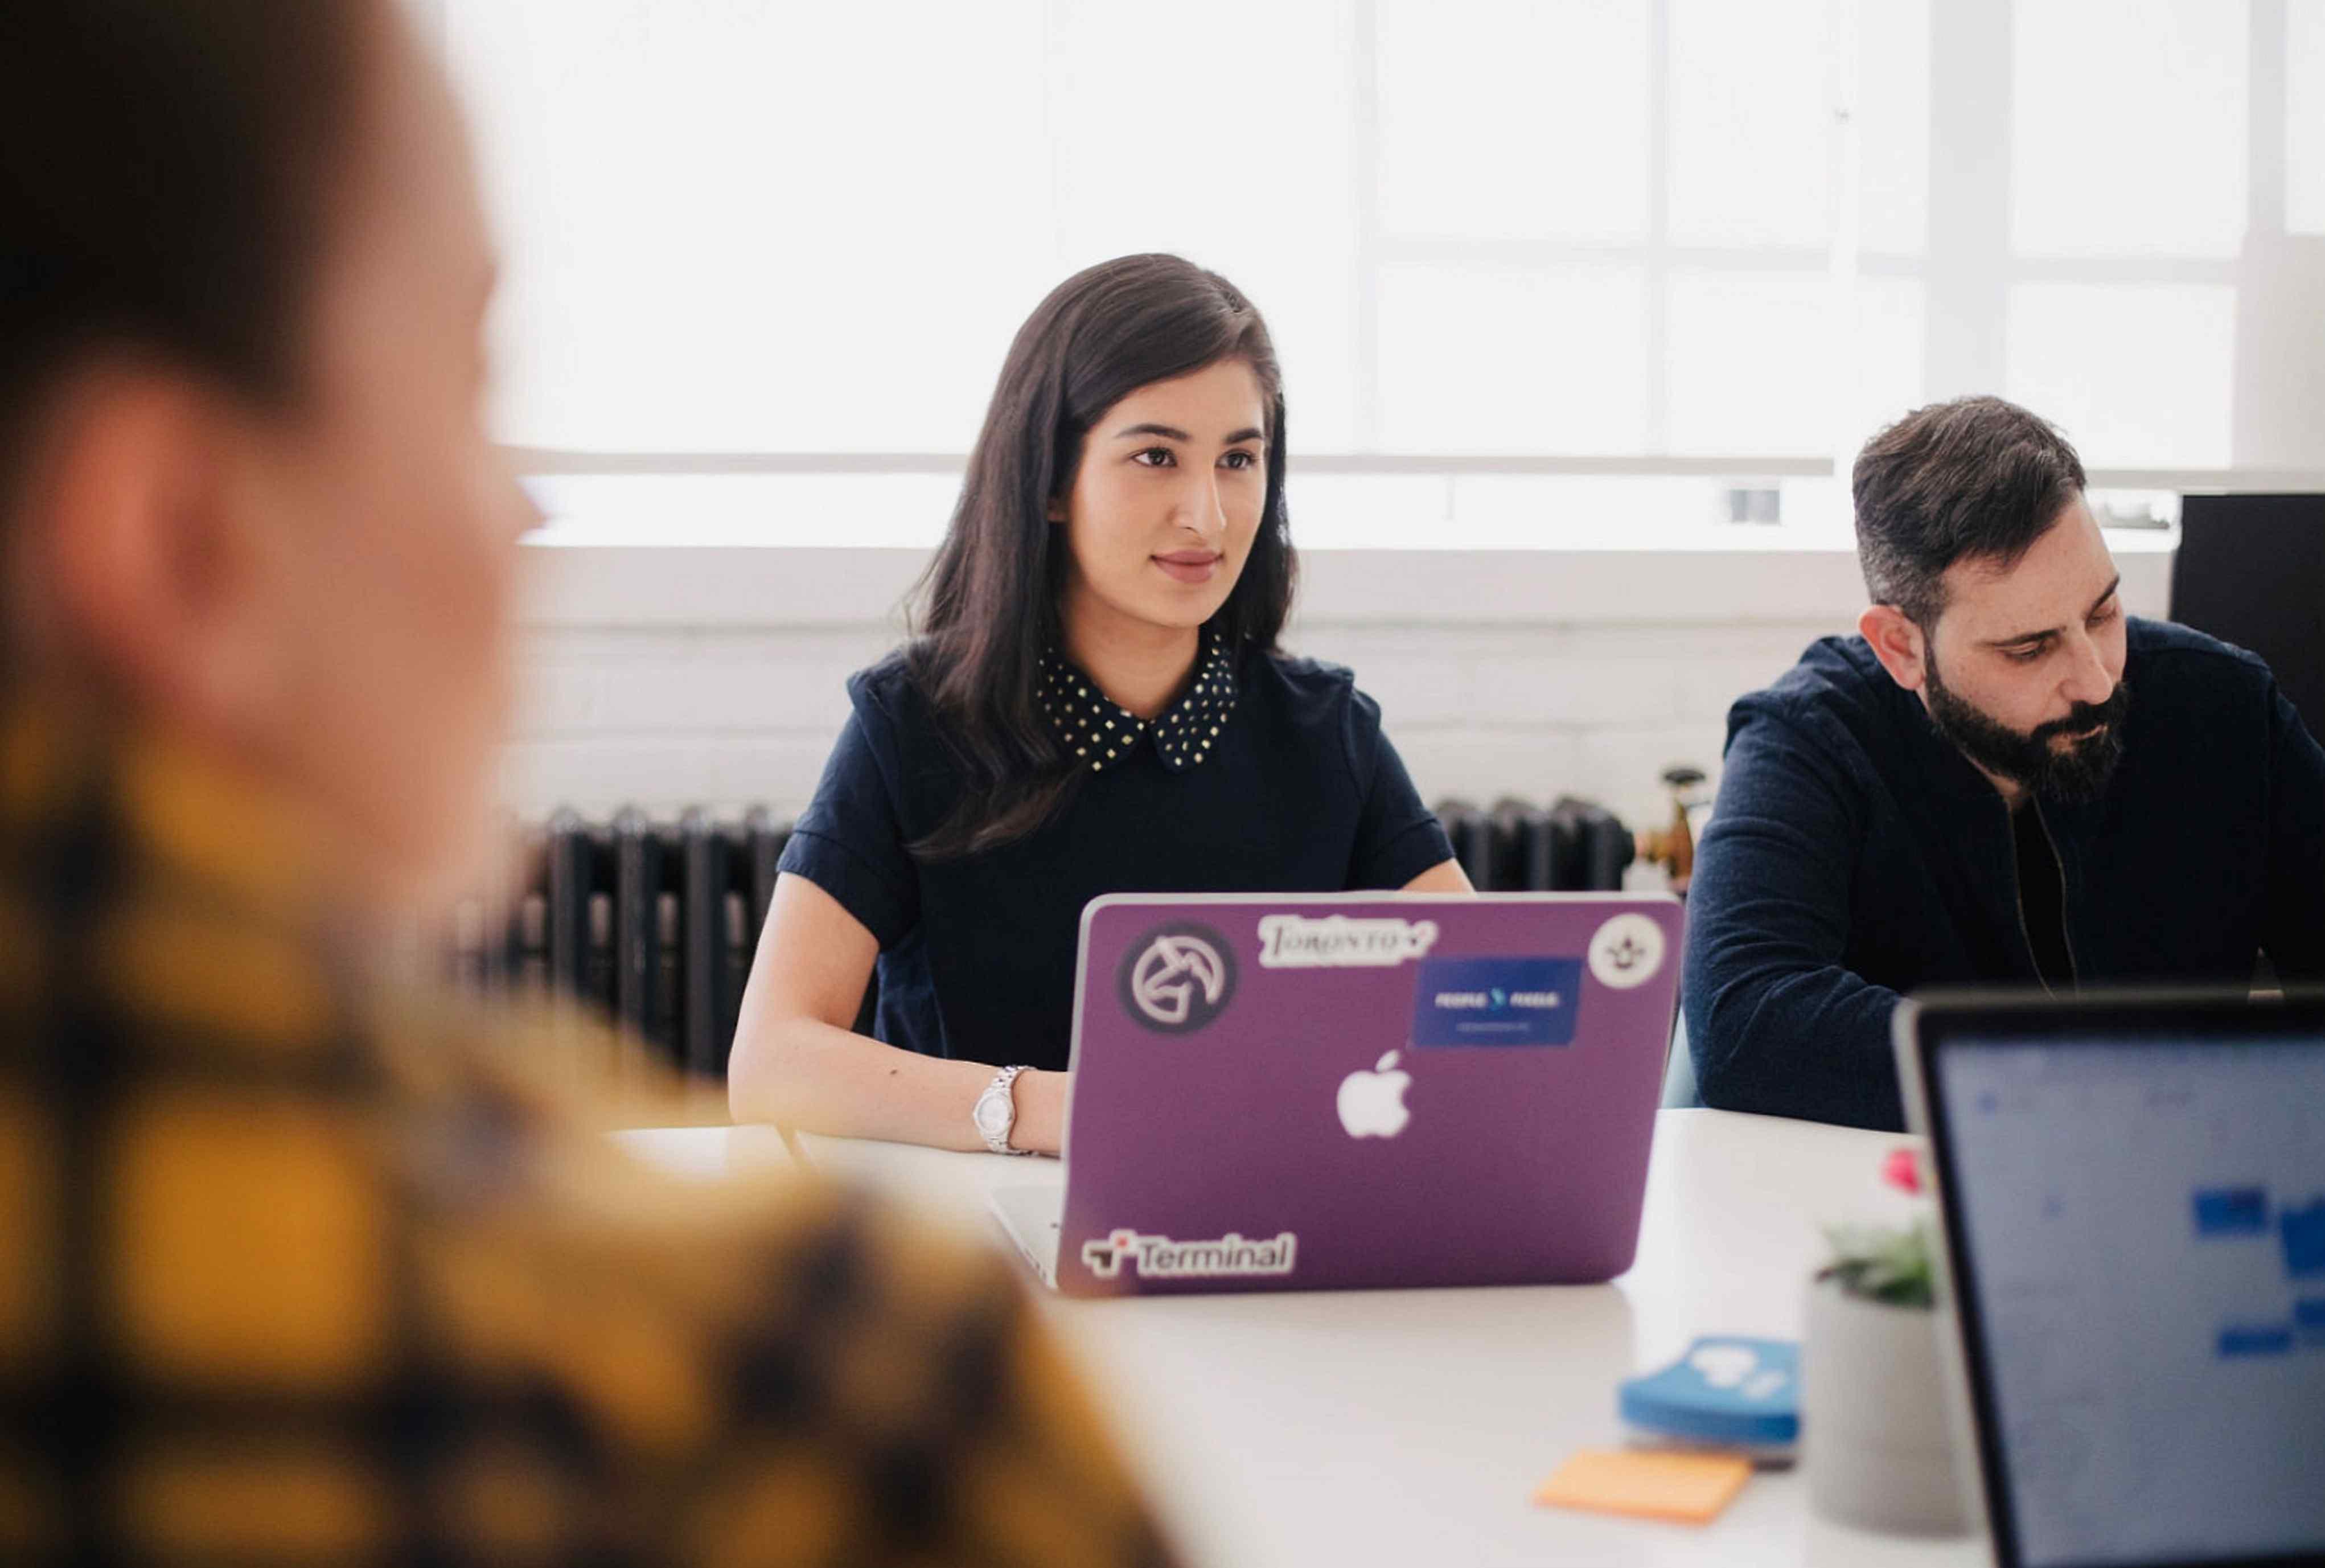 如何成為公司重視的人才?請善用五個小技巧讓你被看見